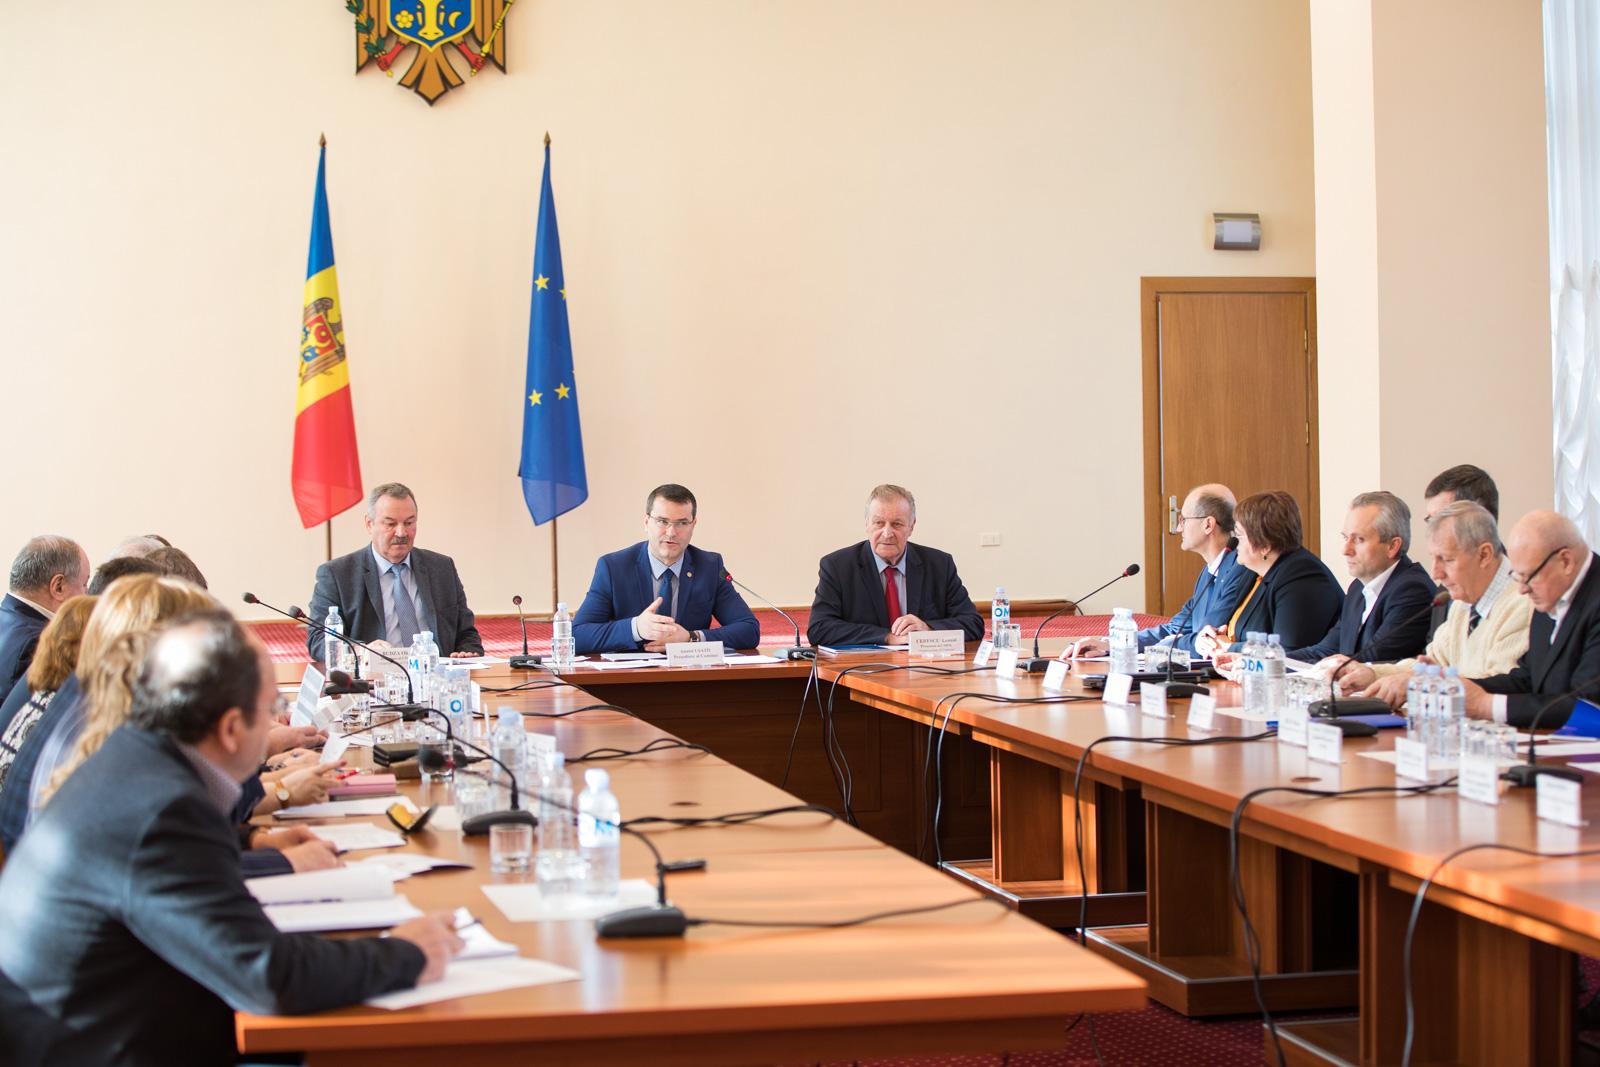 La 28 februarie, a avut loc prima ședință din anul curent a Comisiei naționale pentru consultări și negocieri colective